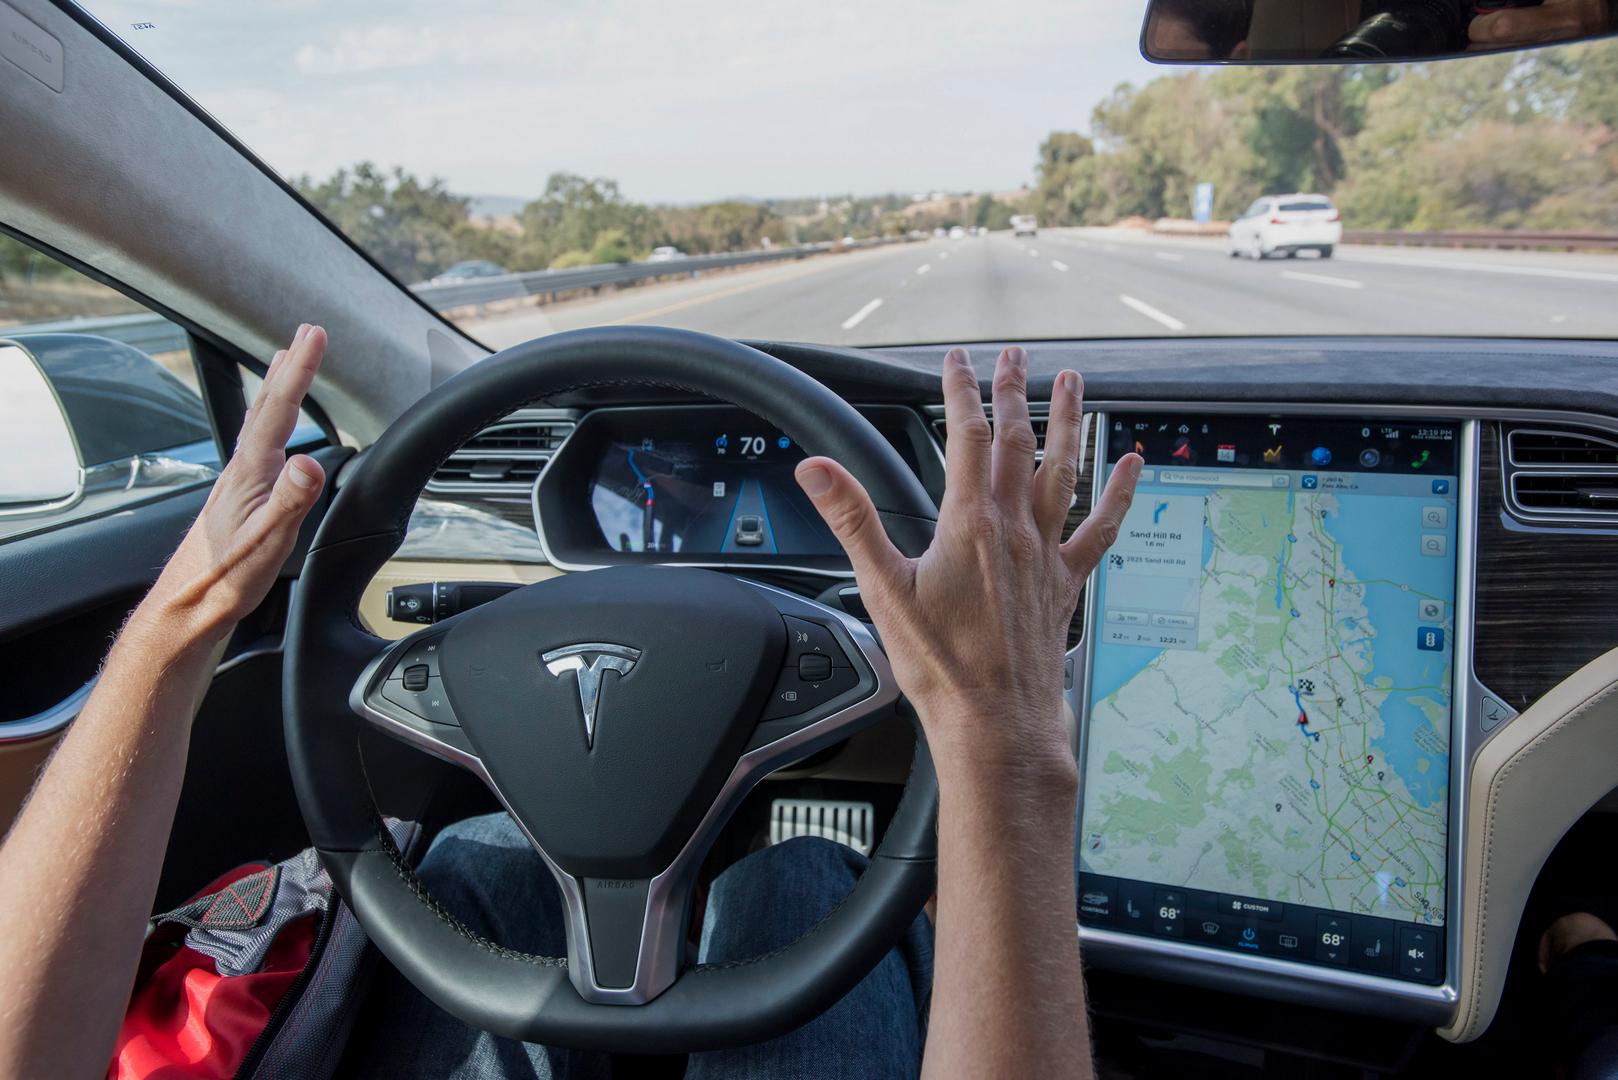 Илон Маск обещает полноценный автопилот